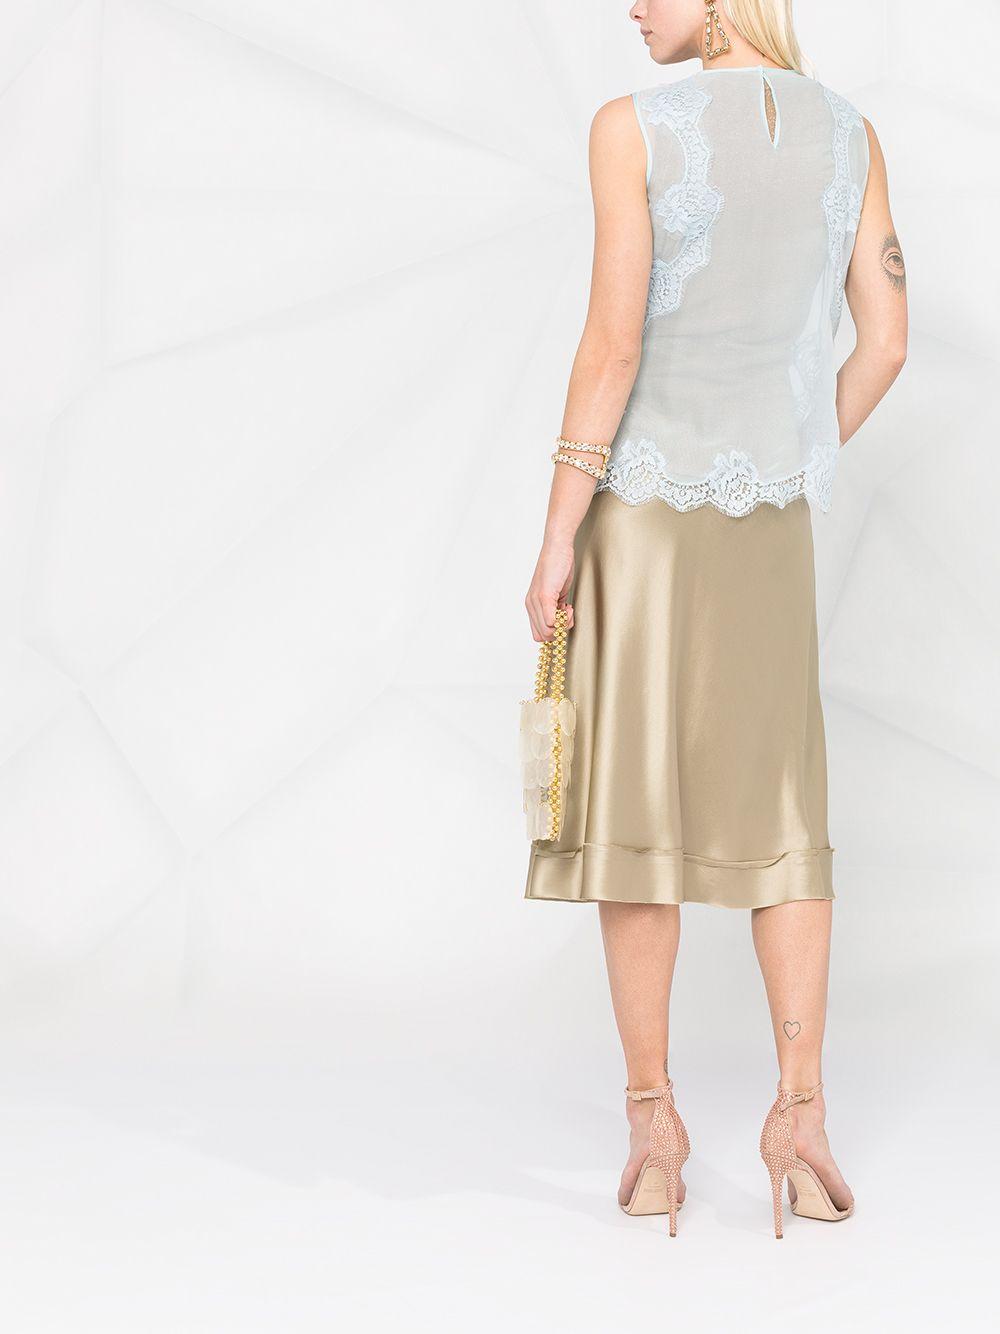 Blusa smanicata in chiffon seta e cotone celeste con inserti in pizzo DOLCE & GABBANA | Camicie | F74K1T-FU1ATB0276